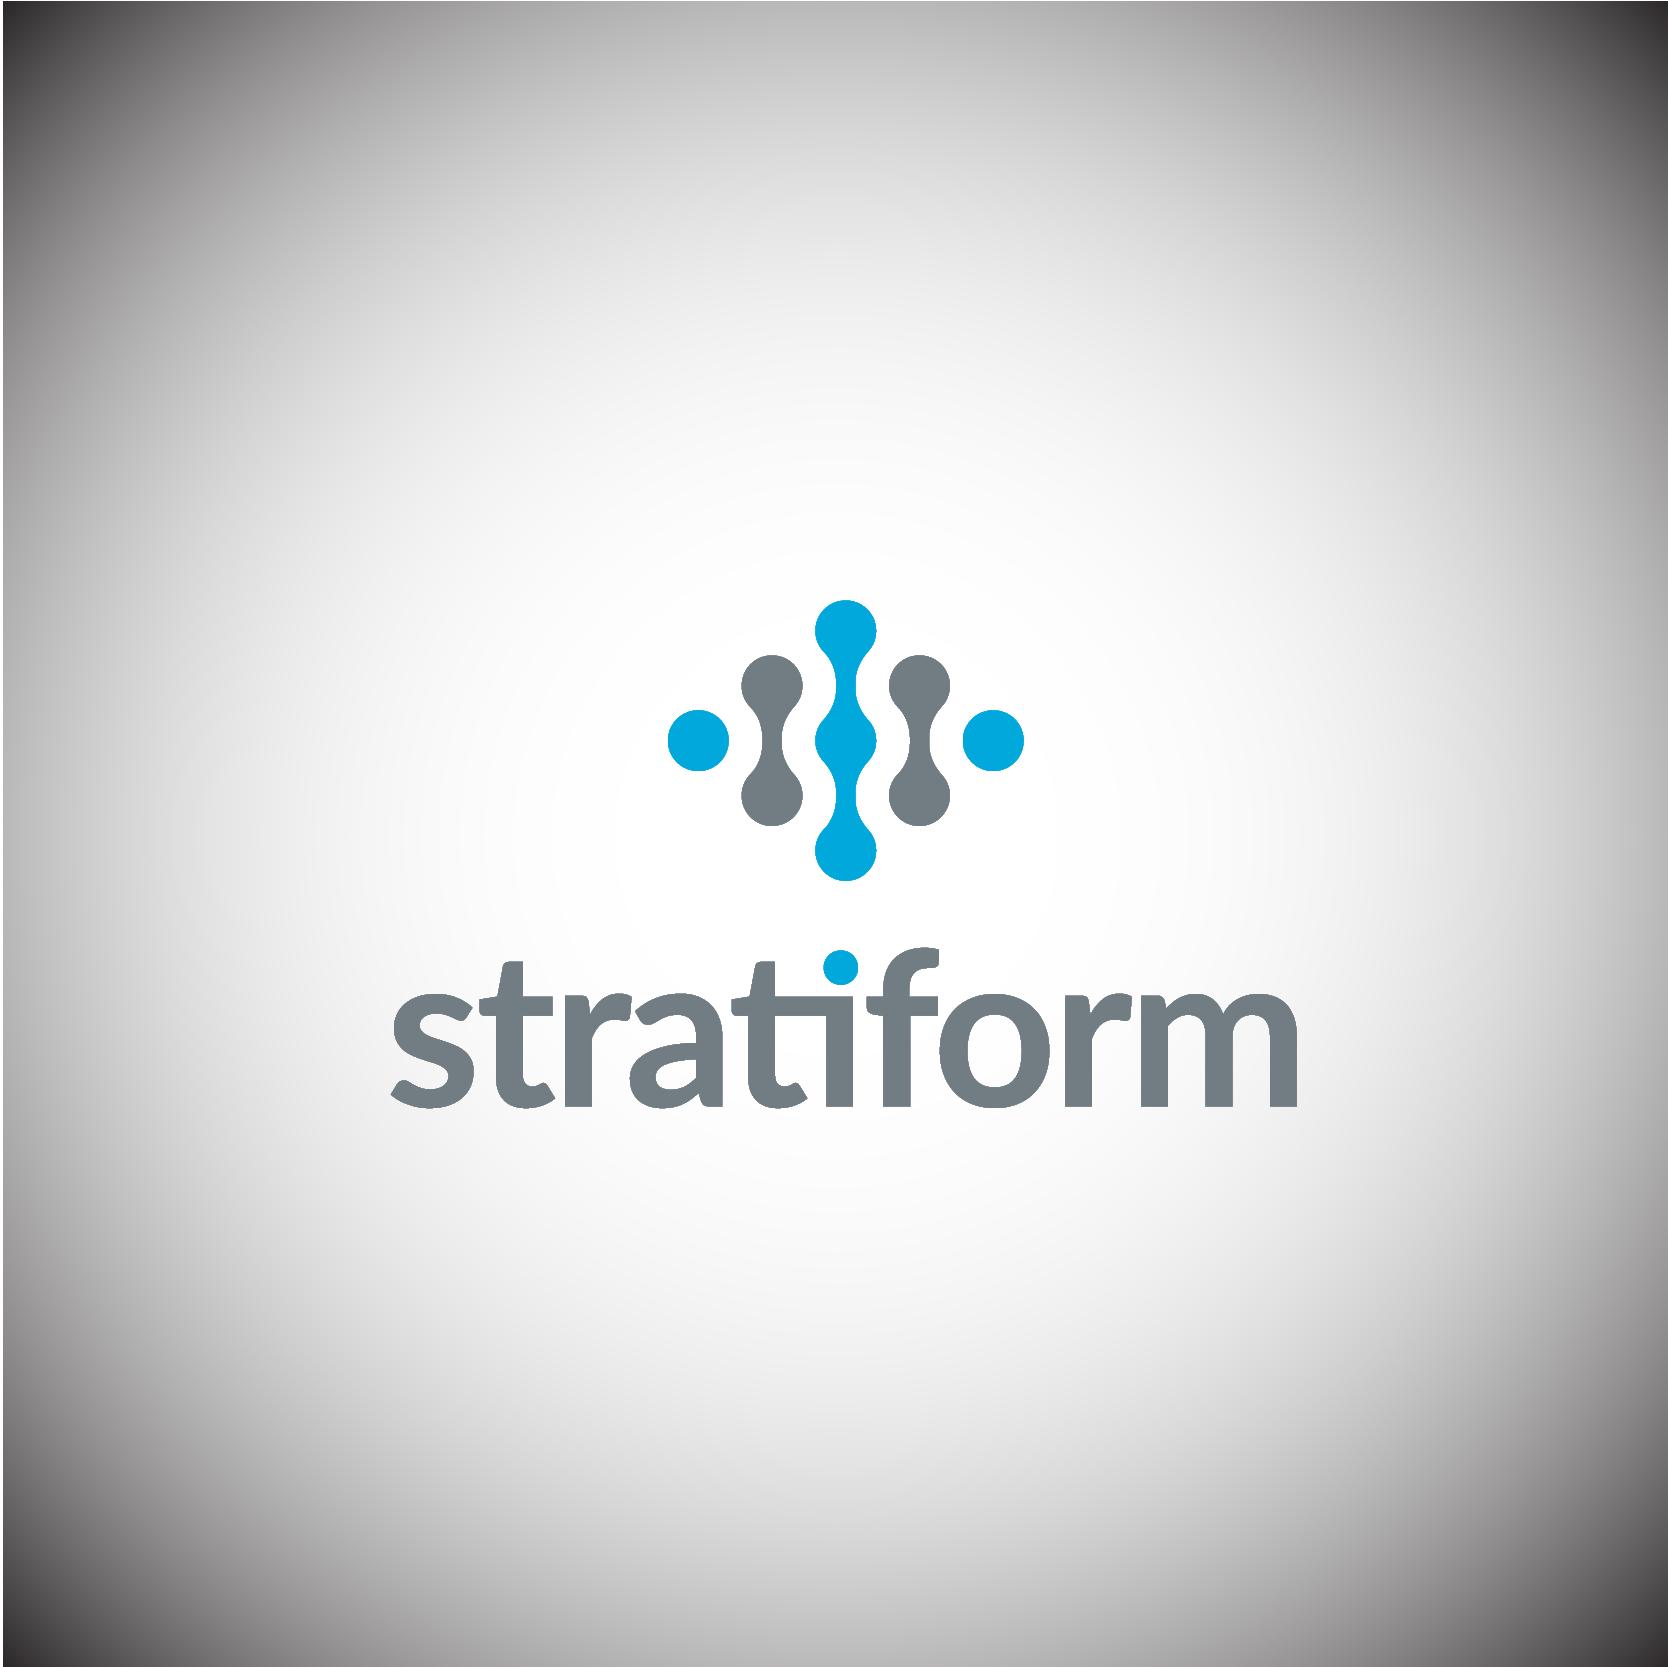 stratiform-logo.png